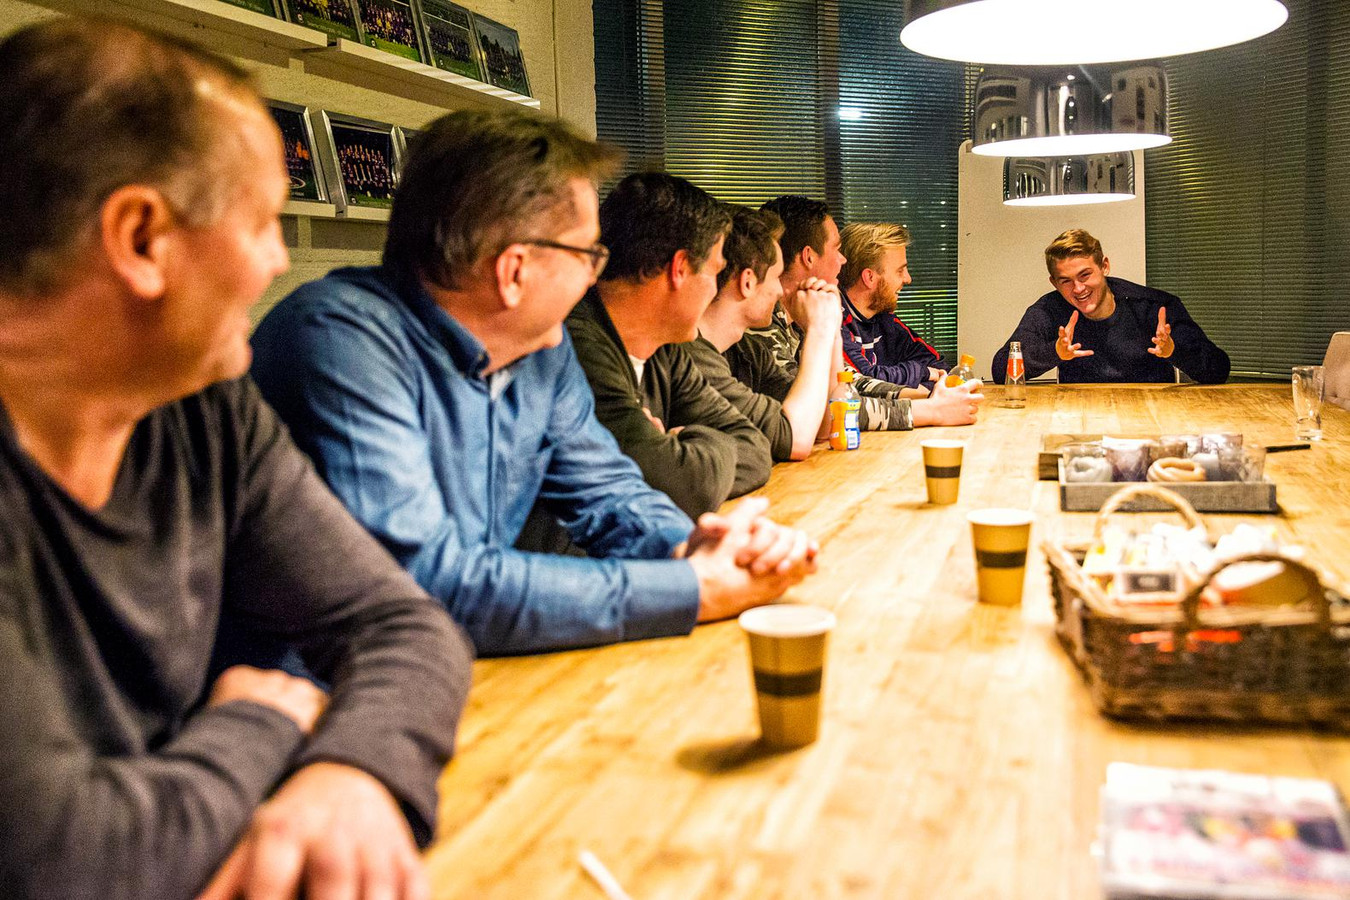 Matthijs als stralend middelpunt aan de vergadertafel met oud-trainers, vrienden en met vader Frank (met bril).